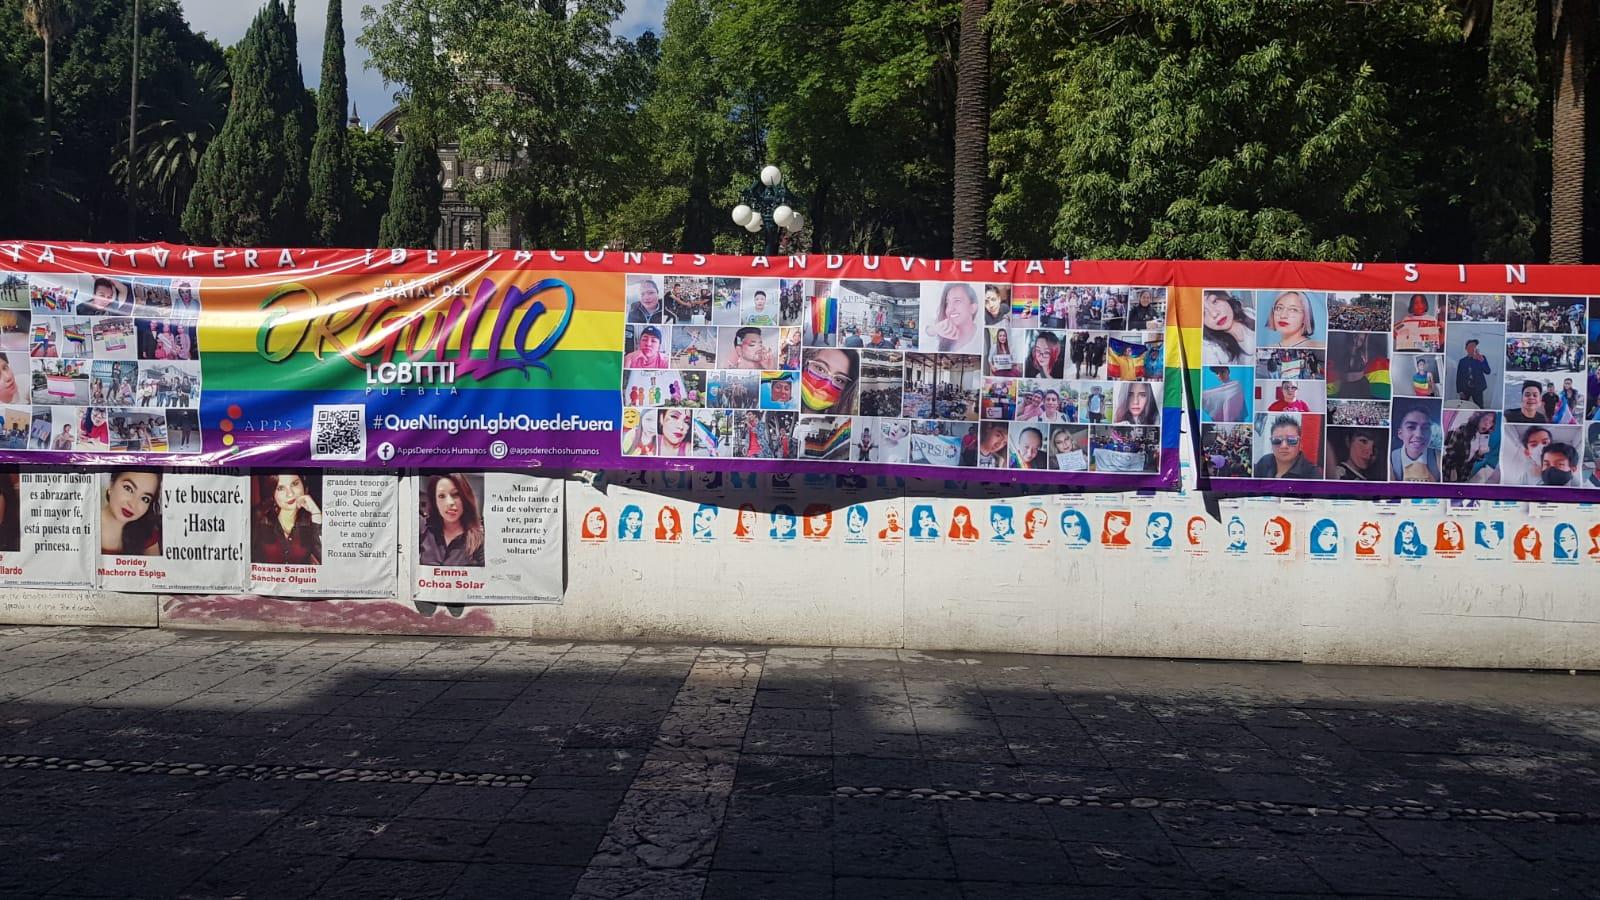 Comienzan marchas LGBT en Puebla para celebrar el #Pride2021